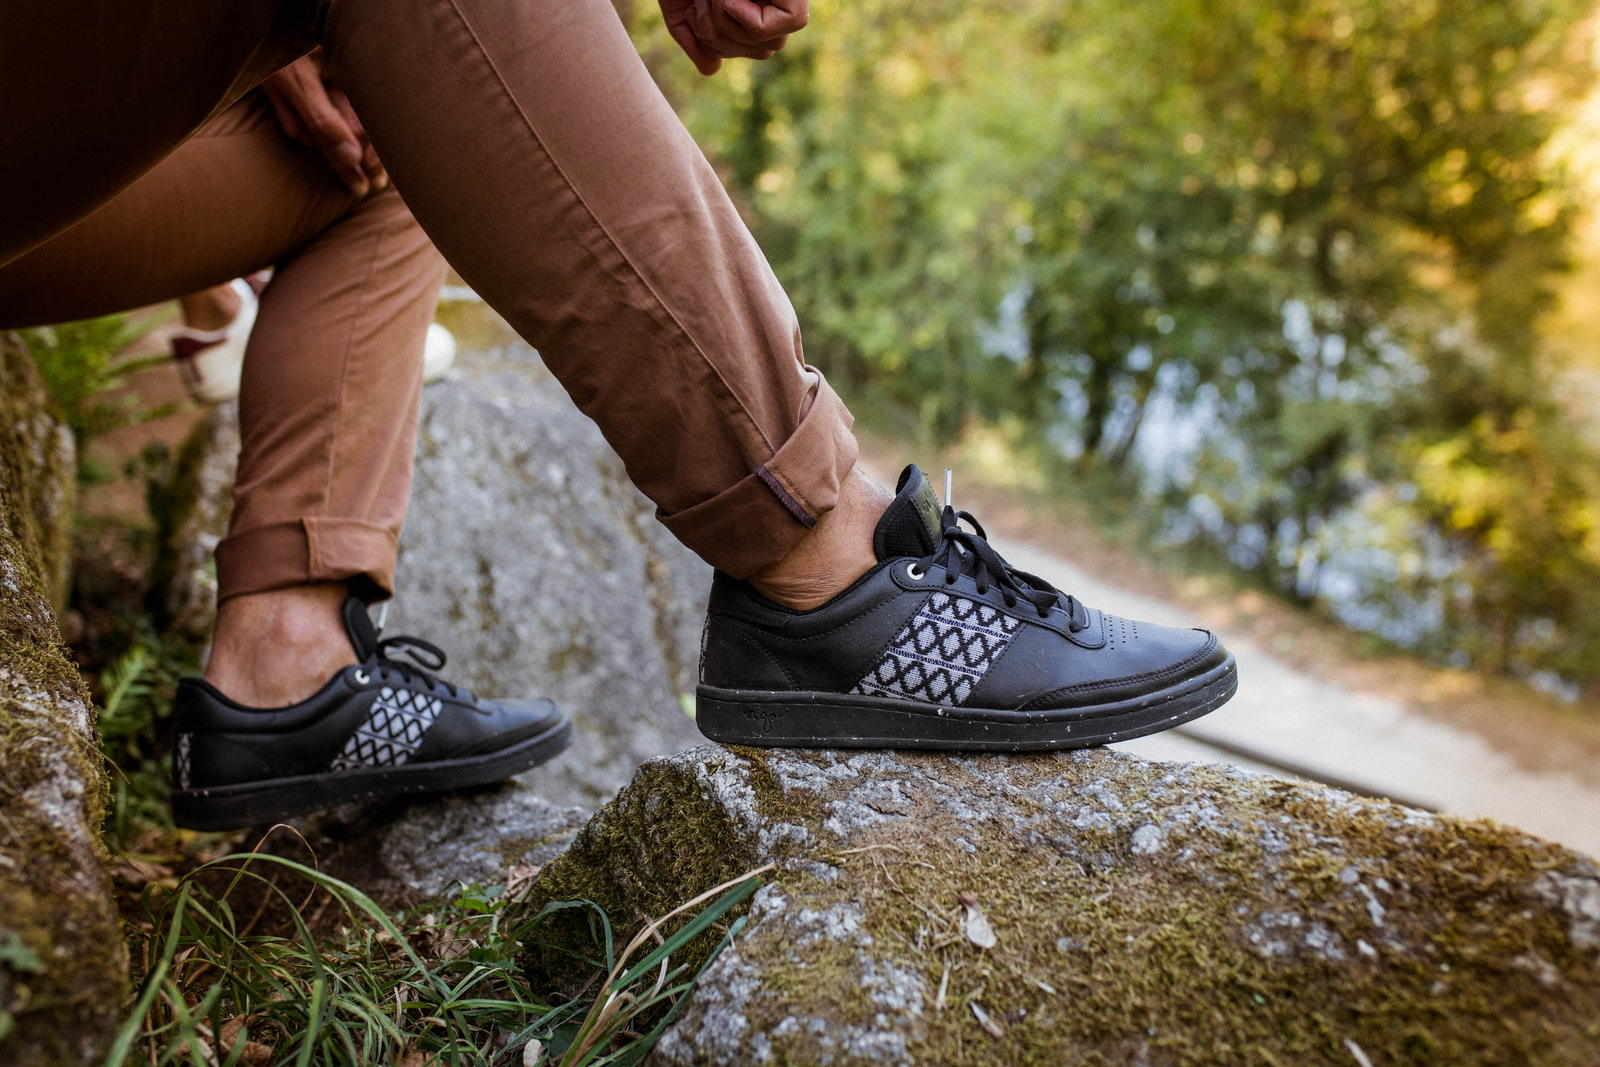 Ngo Shoes - Sneakers - vegan - recyclée - Unisexe - Vietnam - homme